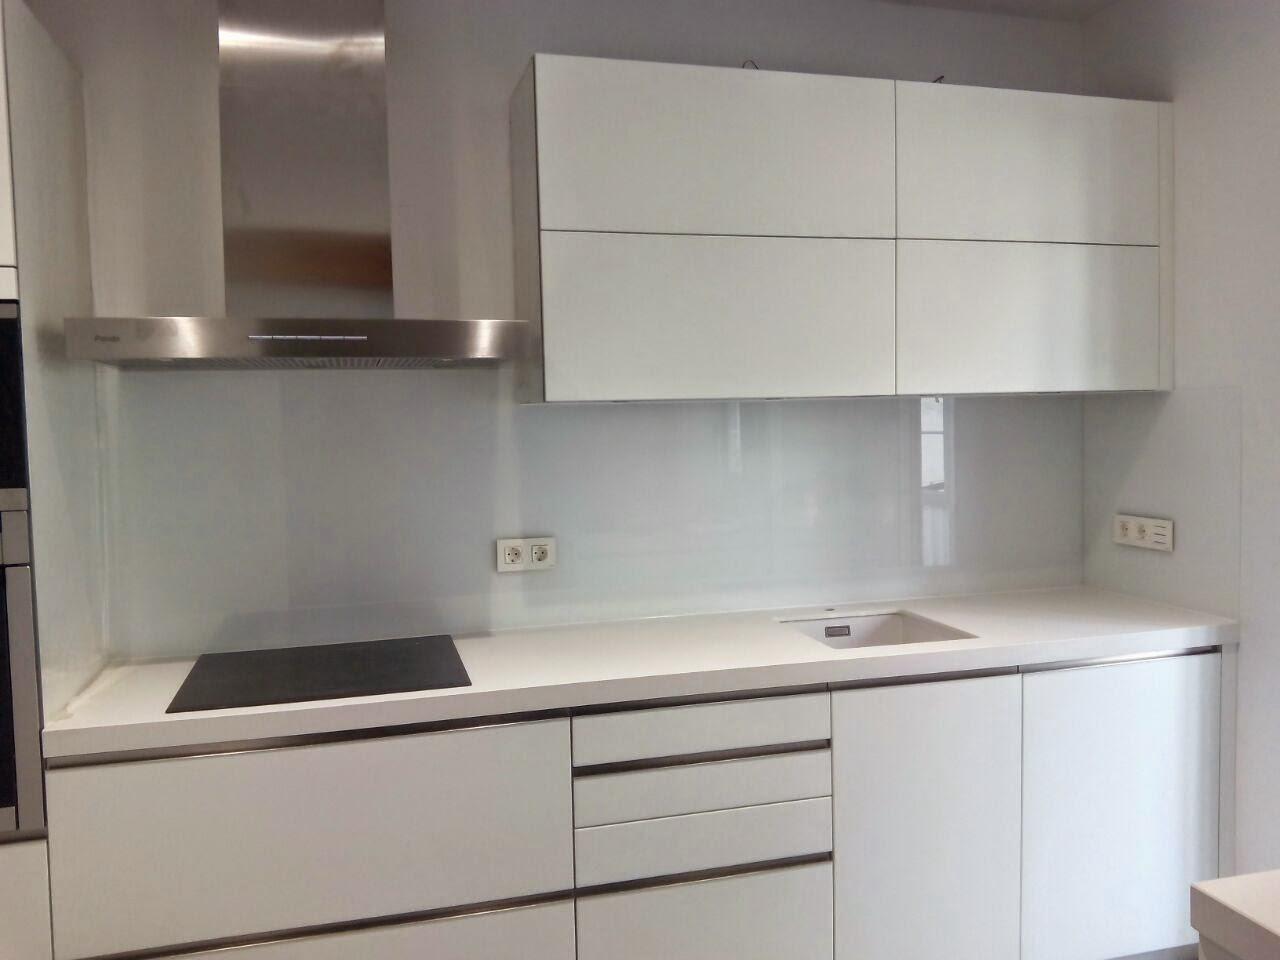 Alucrystall frontal de cocina forrado y puerta corredera - Cocina con pared de cristal ...